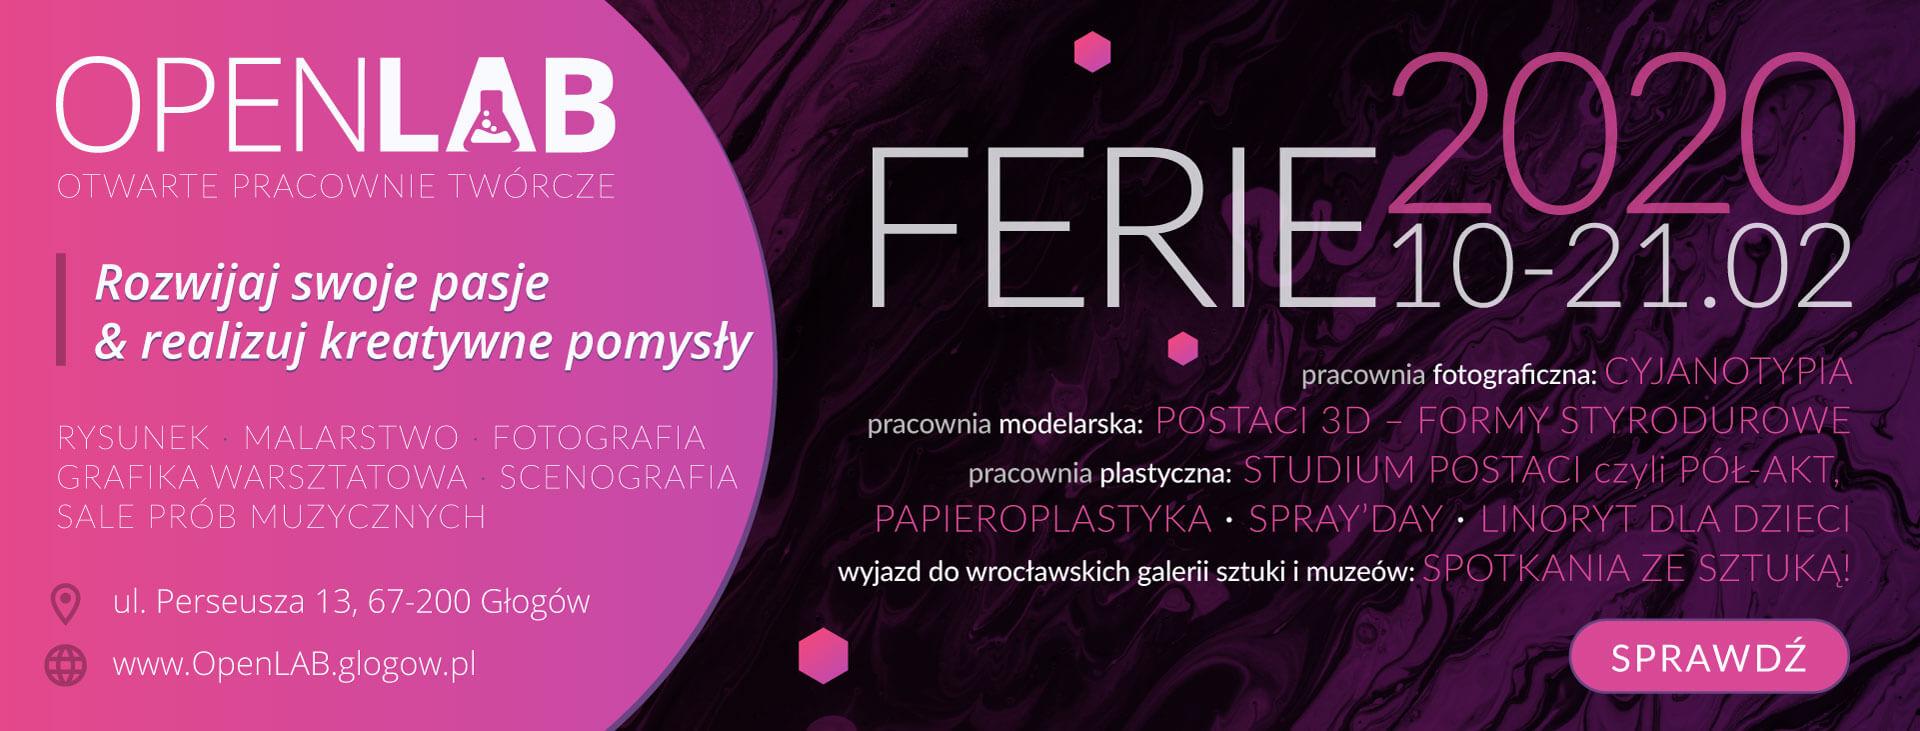 Baner graficzny promujący Ferie 2020 w Otwartych Pracowniach Twórczych OpenLAB Głogów